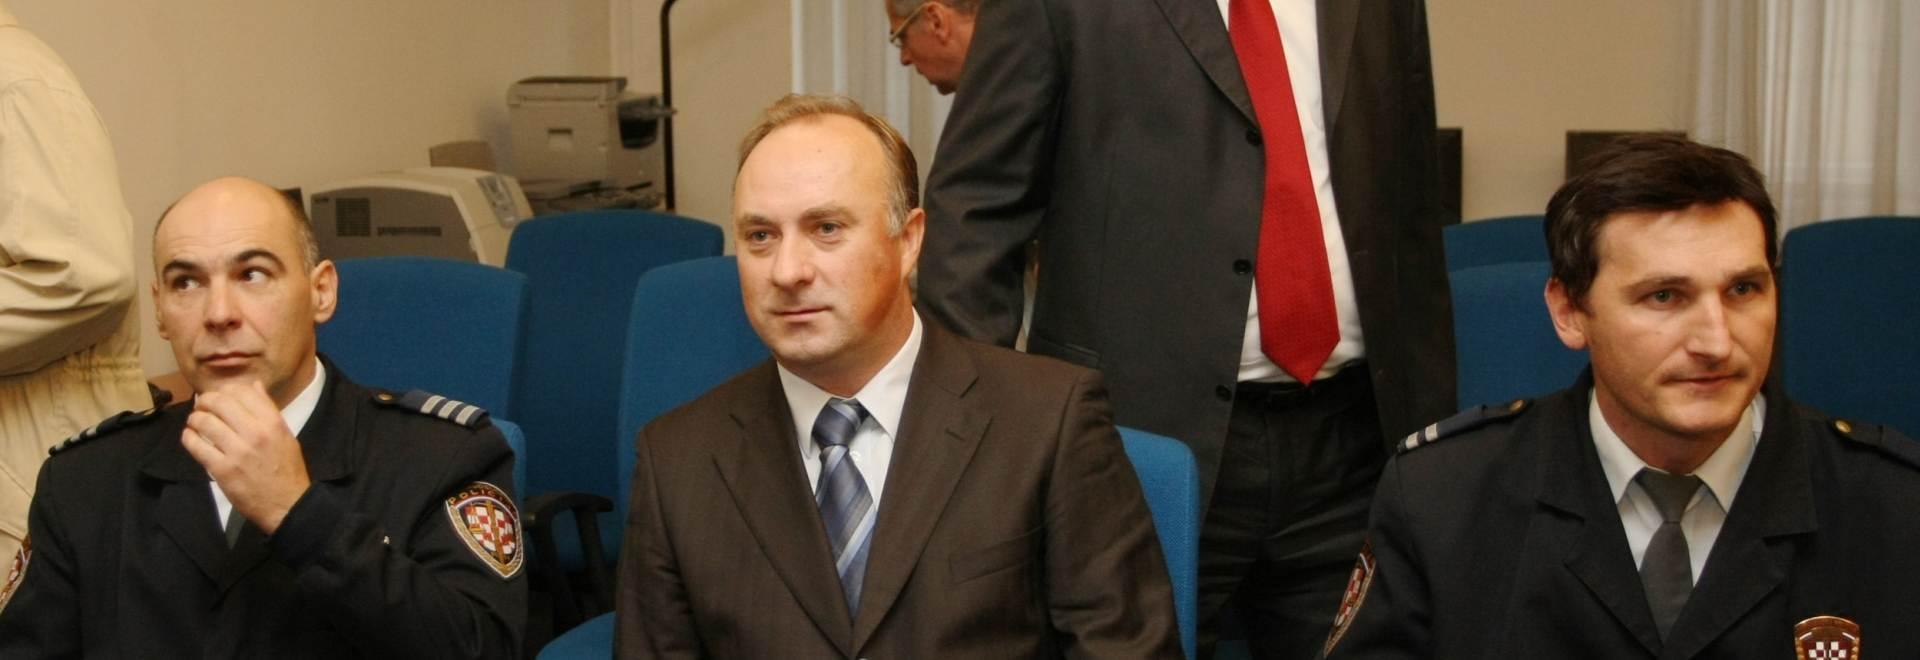 Polančec i ostali oslobođeni u slučaju Spice, dio optuženika osuđen za zajam SMS-u